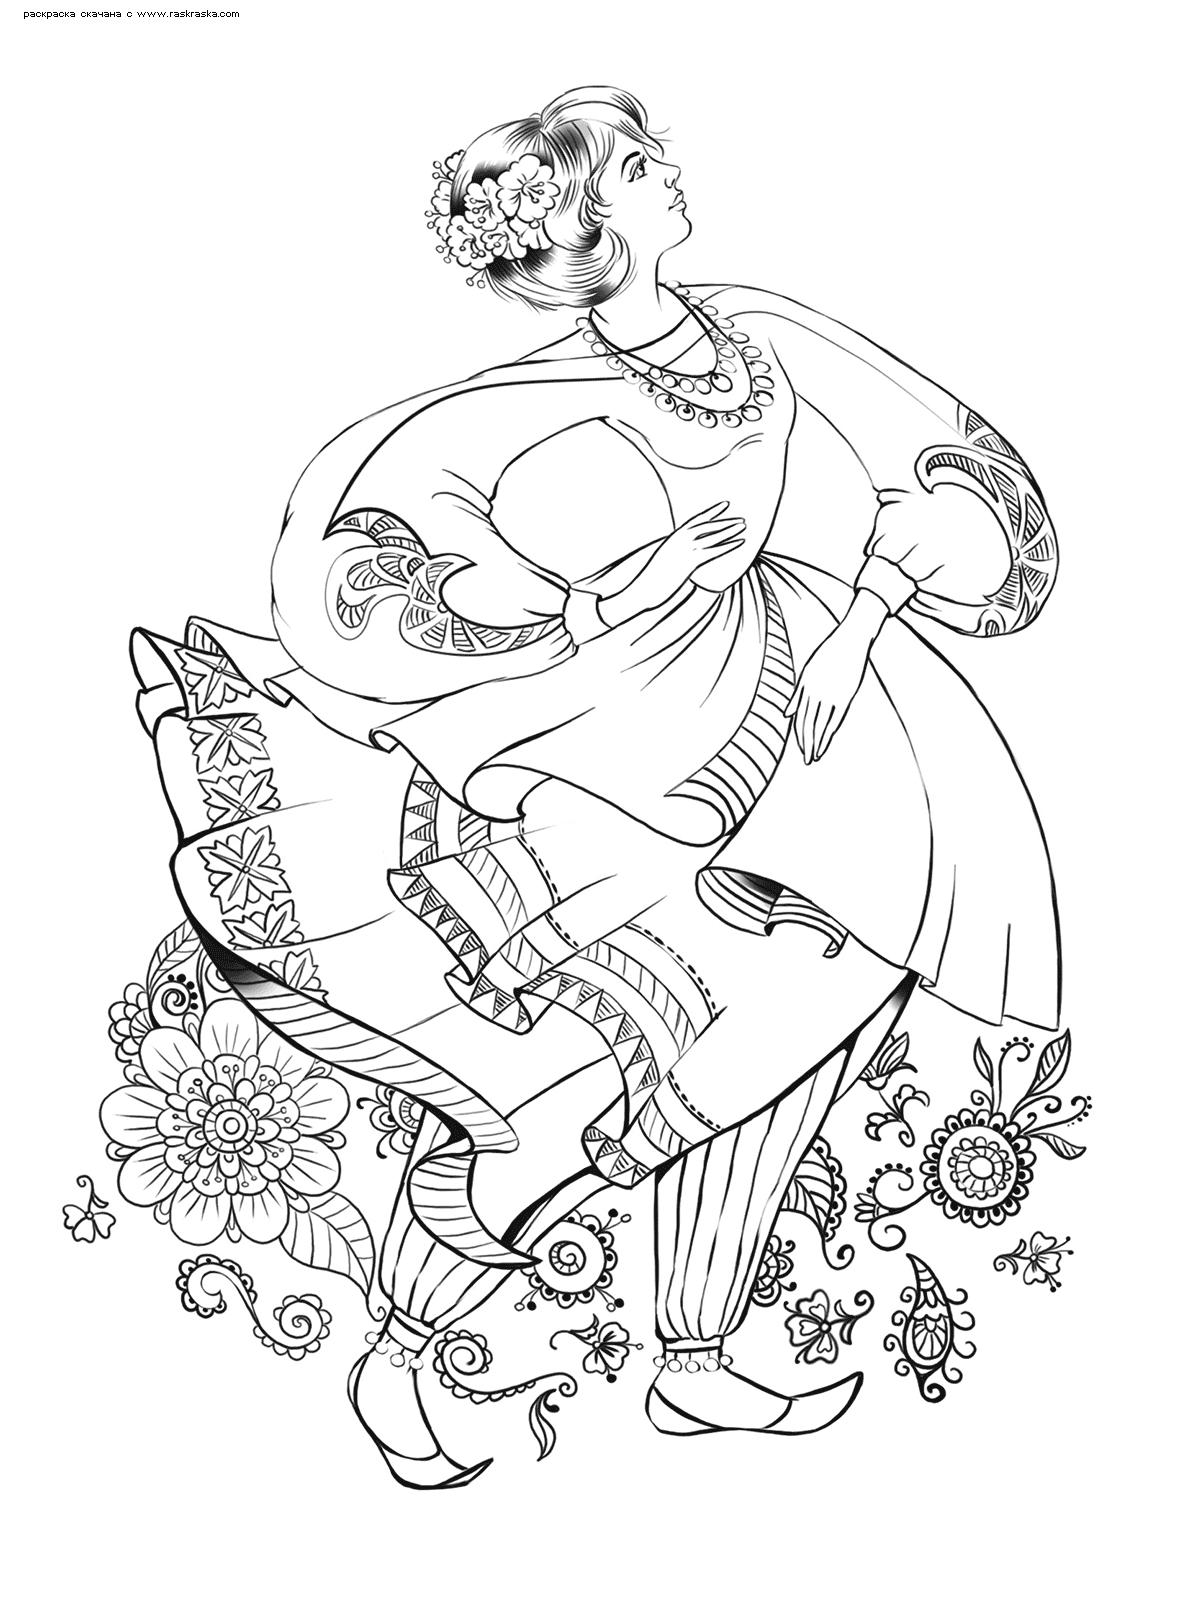 Раскраска Девушка в шароварах. Раскраска антистресс